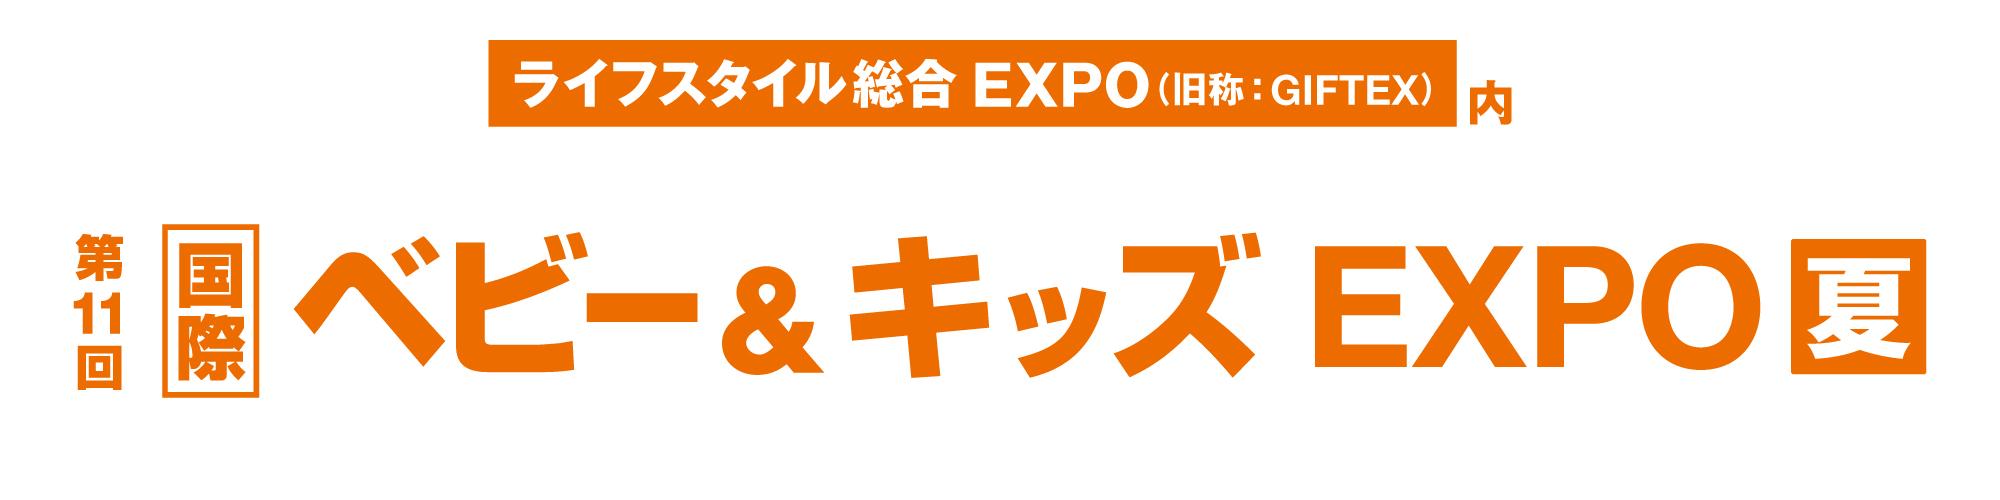 第11回 国際ベビー&キッズEXPO【夏】に出展します